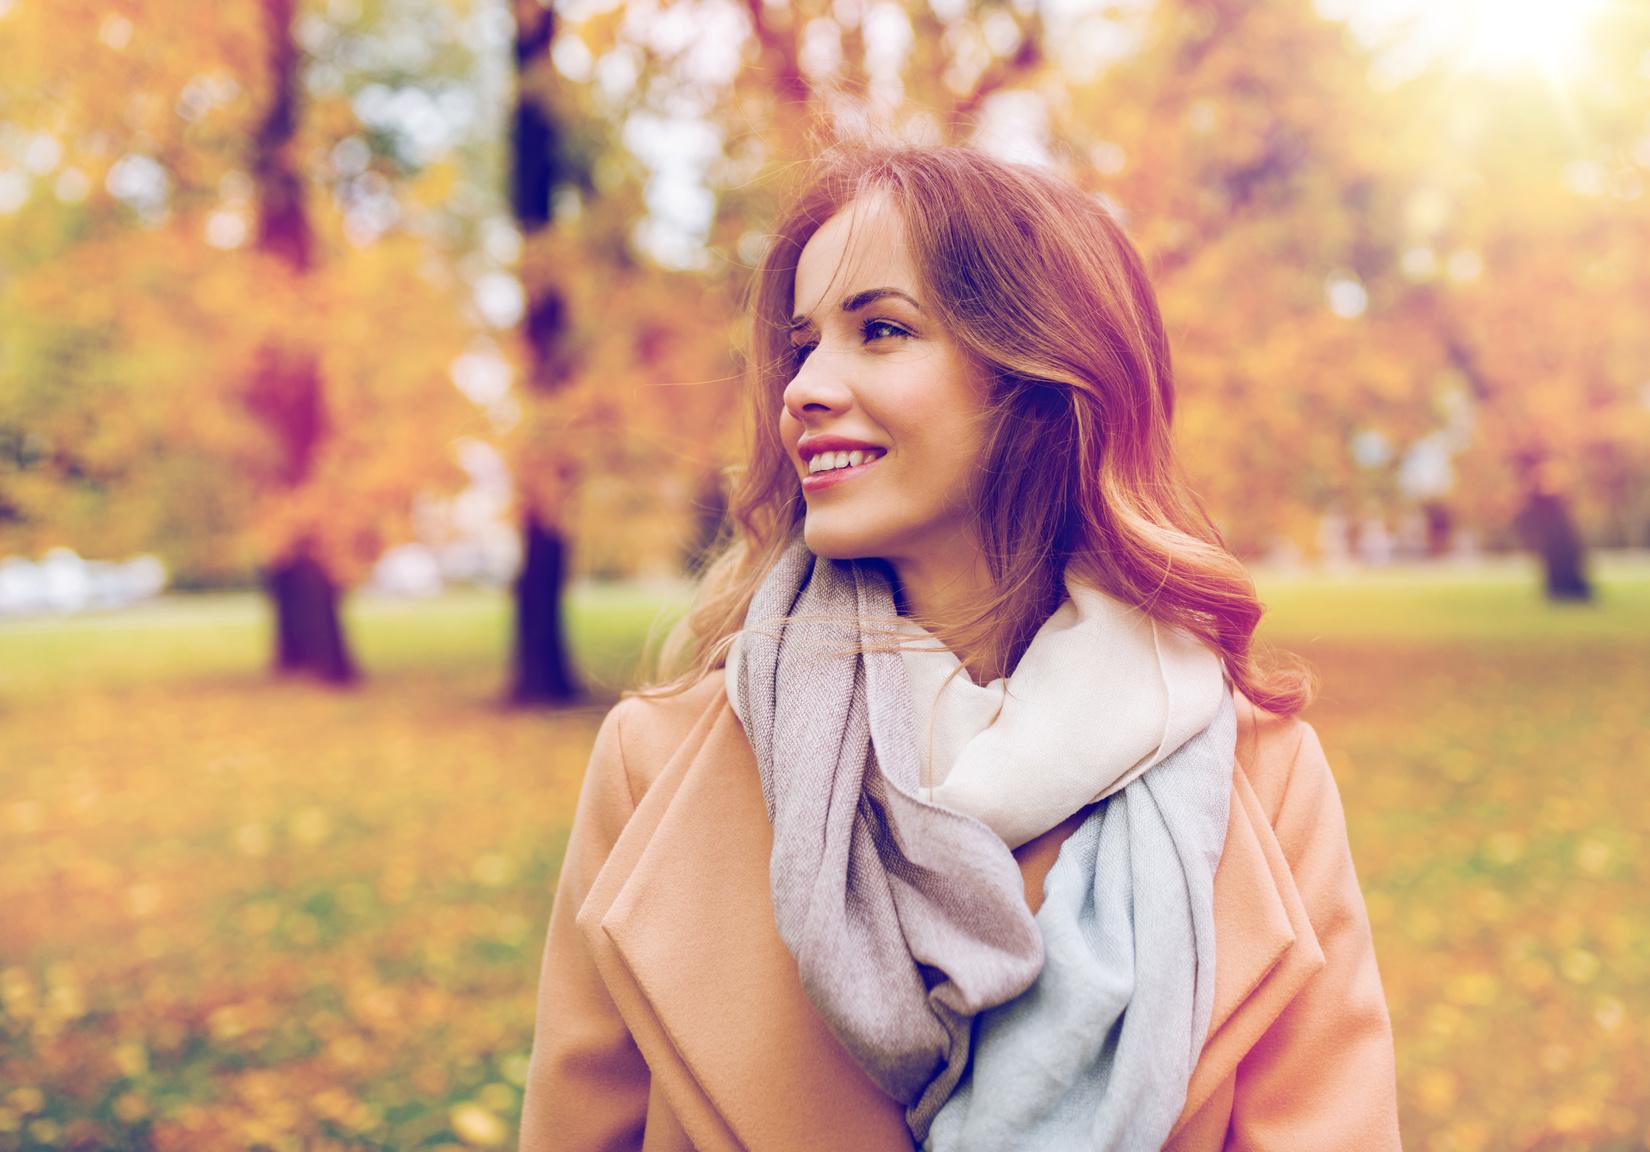 Frau lächelt während ihrem Spaziergang durch den Park im Herbst